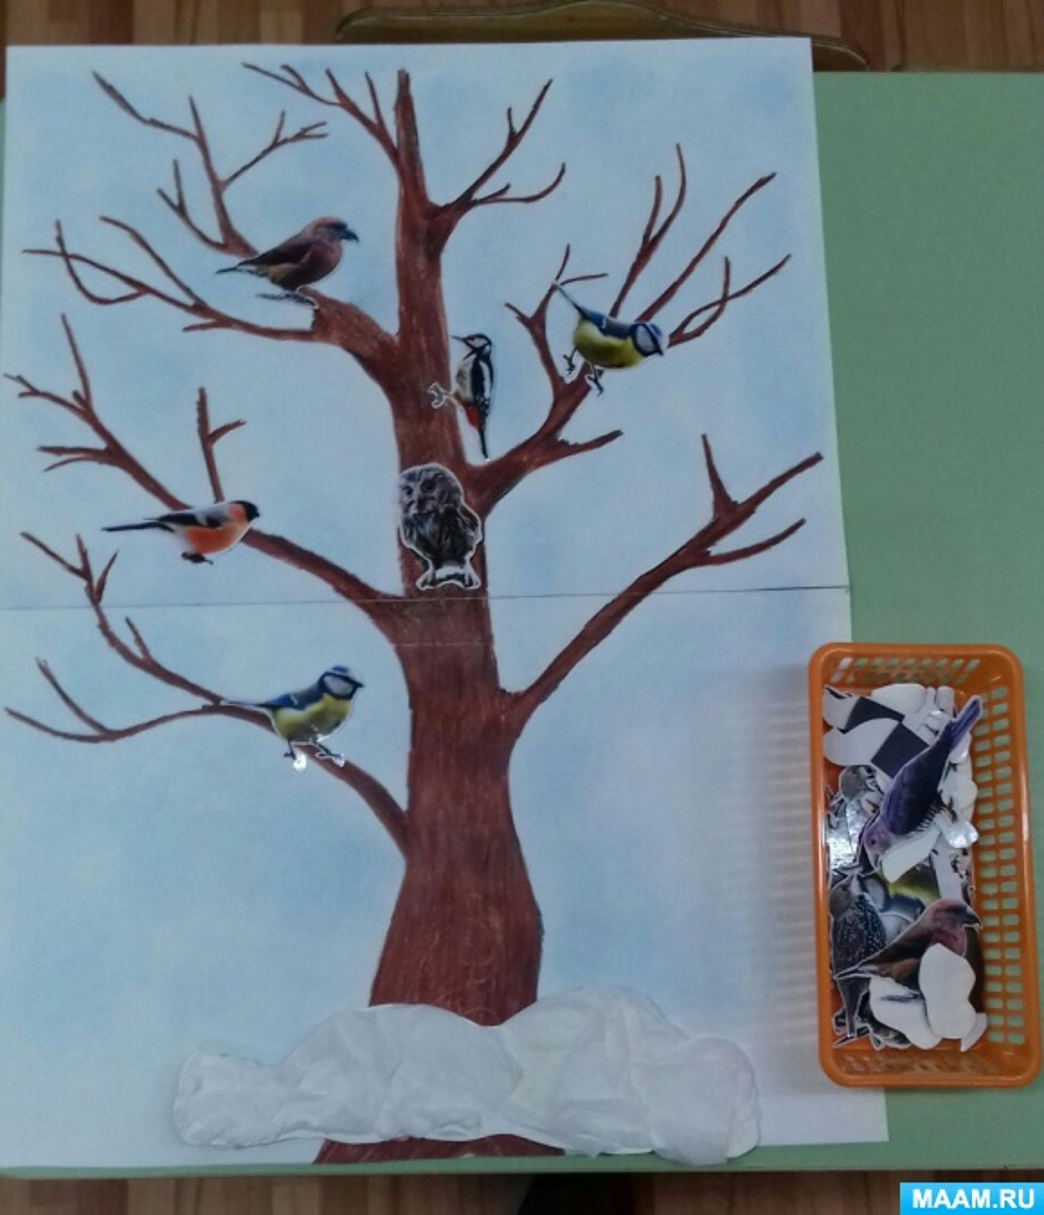 Конспект ООД по развитию речи с использованием технологий ТРИЗ «Чудесное путешествие, или Зима-волшебница»